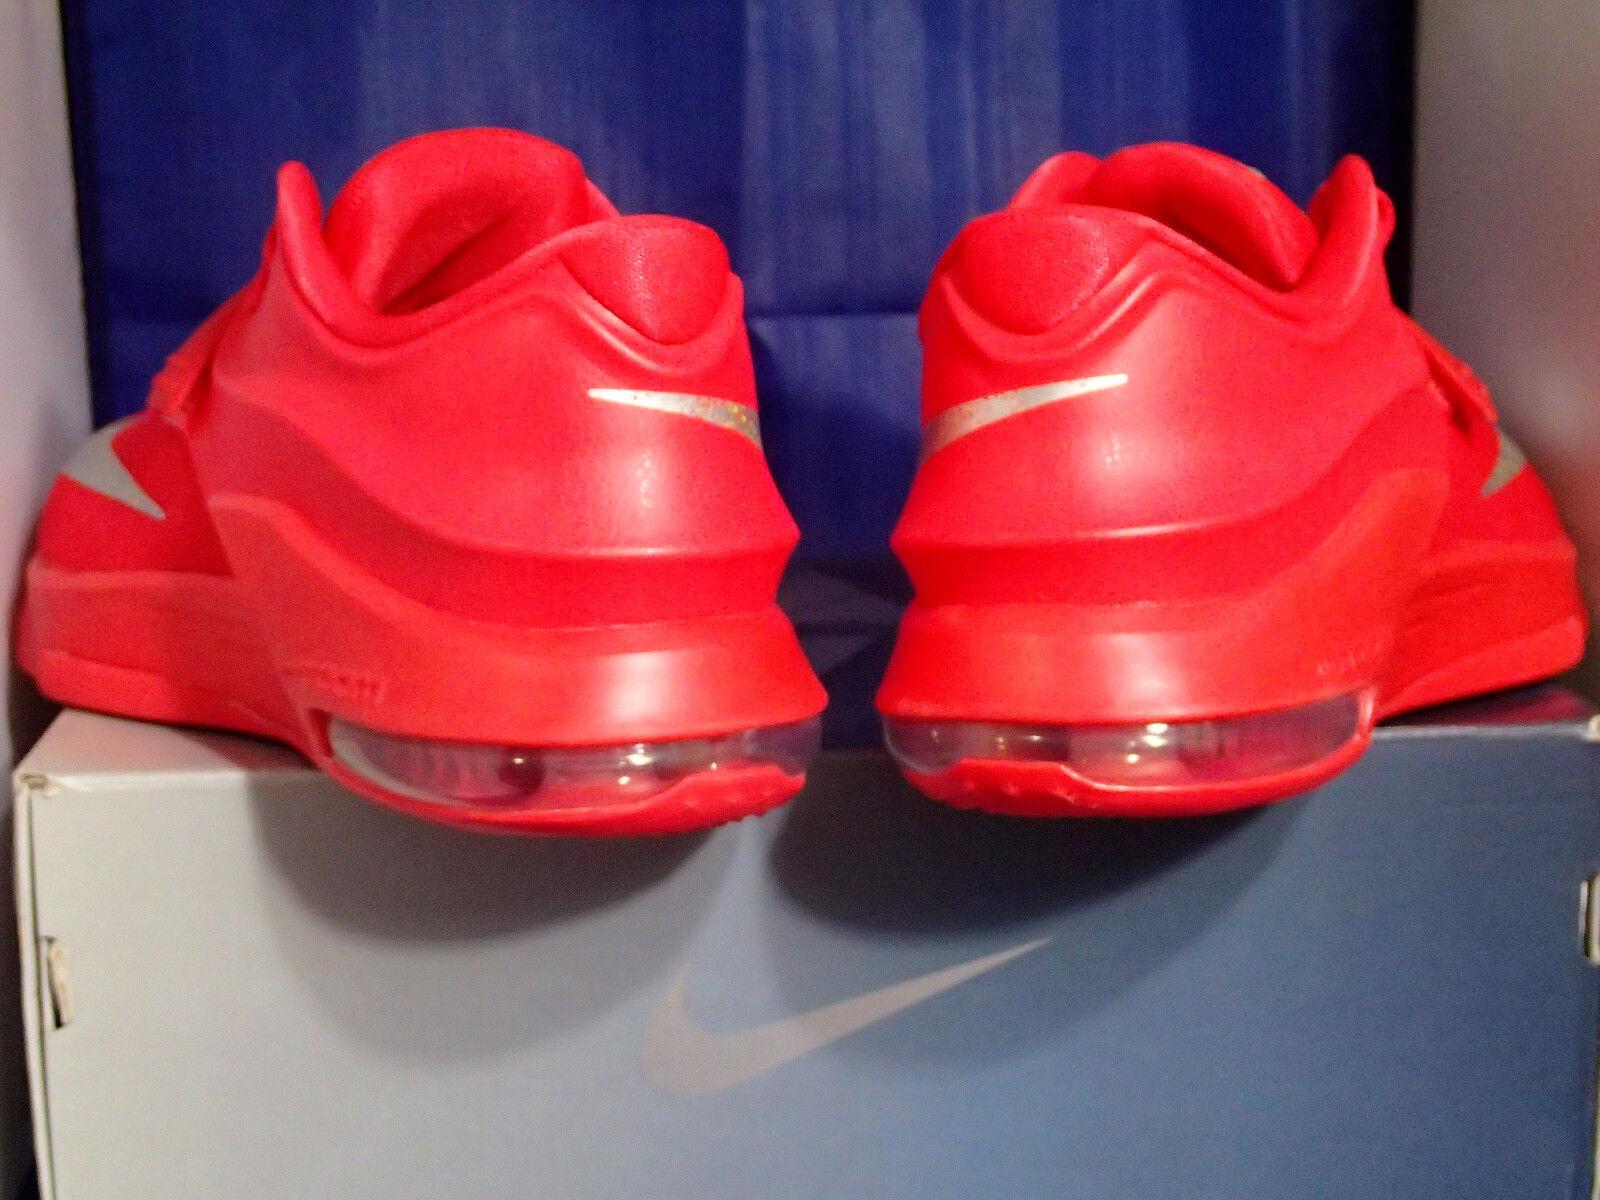 Nike kd vii il 7 ottobre rosso globale dei kevin giochi kevin dei durant sz 12 (653996-660) 9ab59e